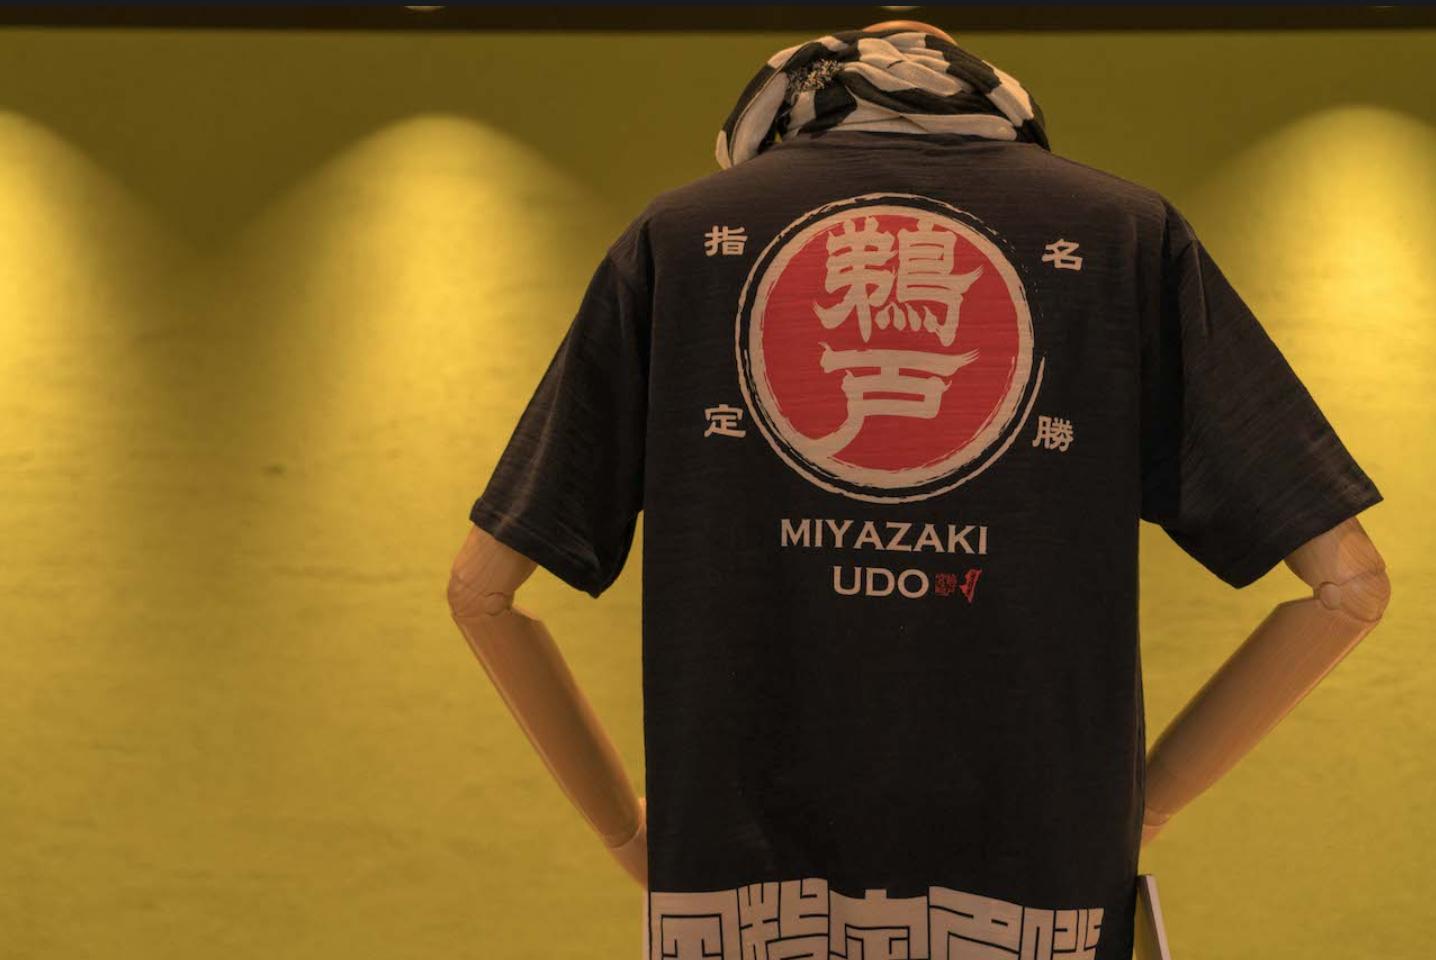 土屋太鳳のTシャツは鵜戸神社!値段やデザイン、通販や購入方法